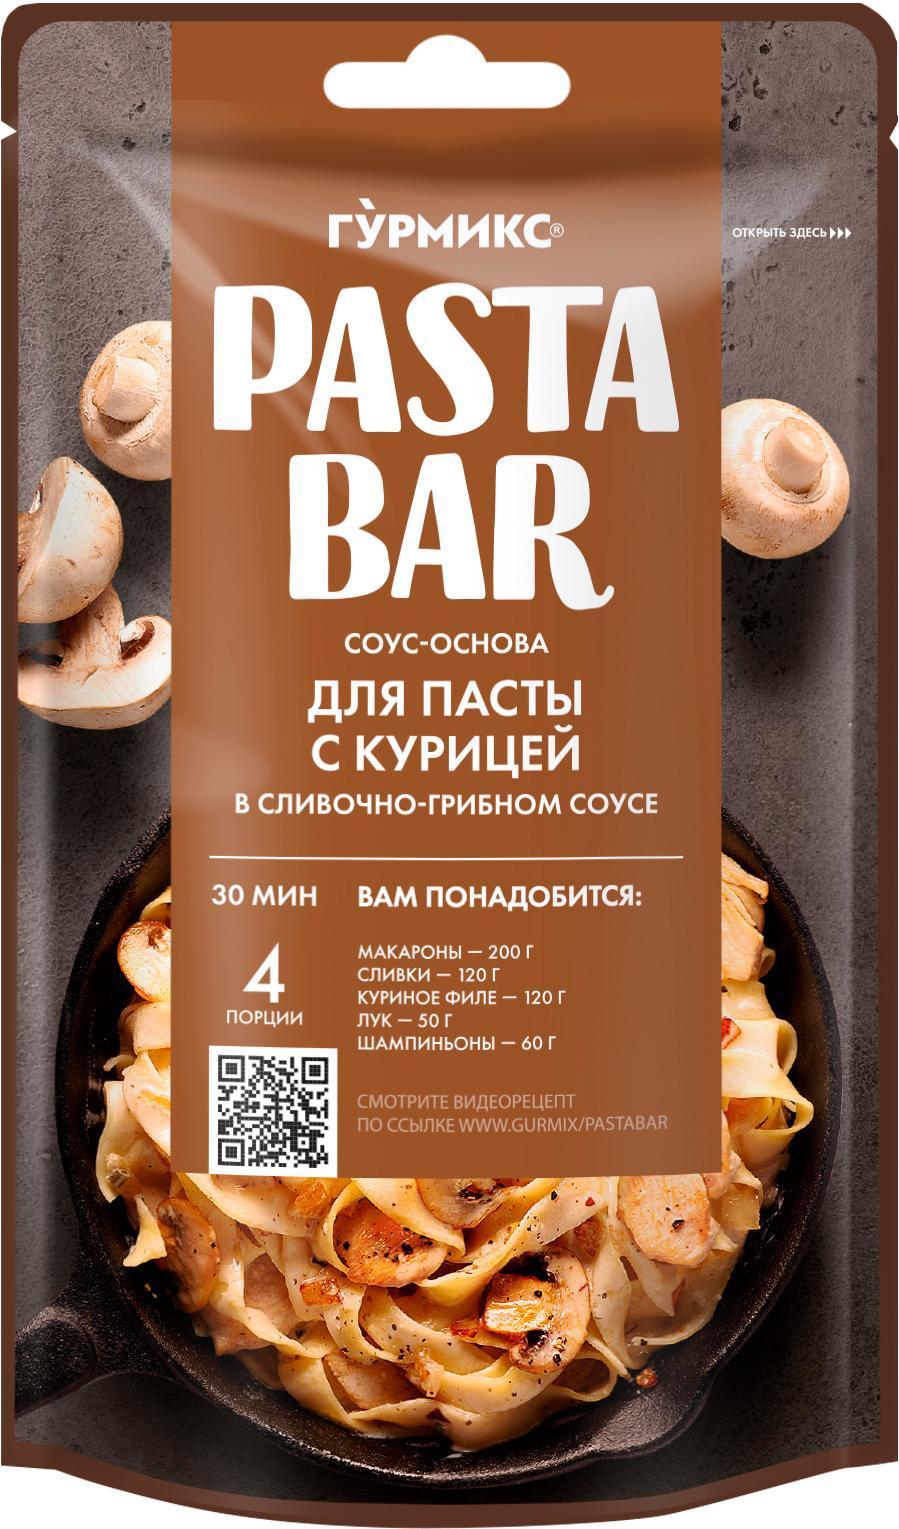 Соус-основа для приготовления пасты с курицей в сливочно-грибном соусе Гурмикс,120 гр., флоу-пак